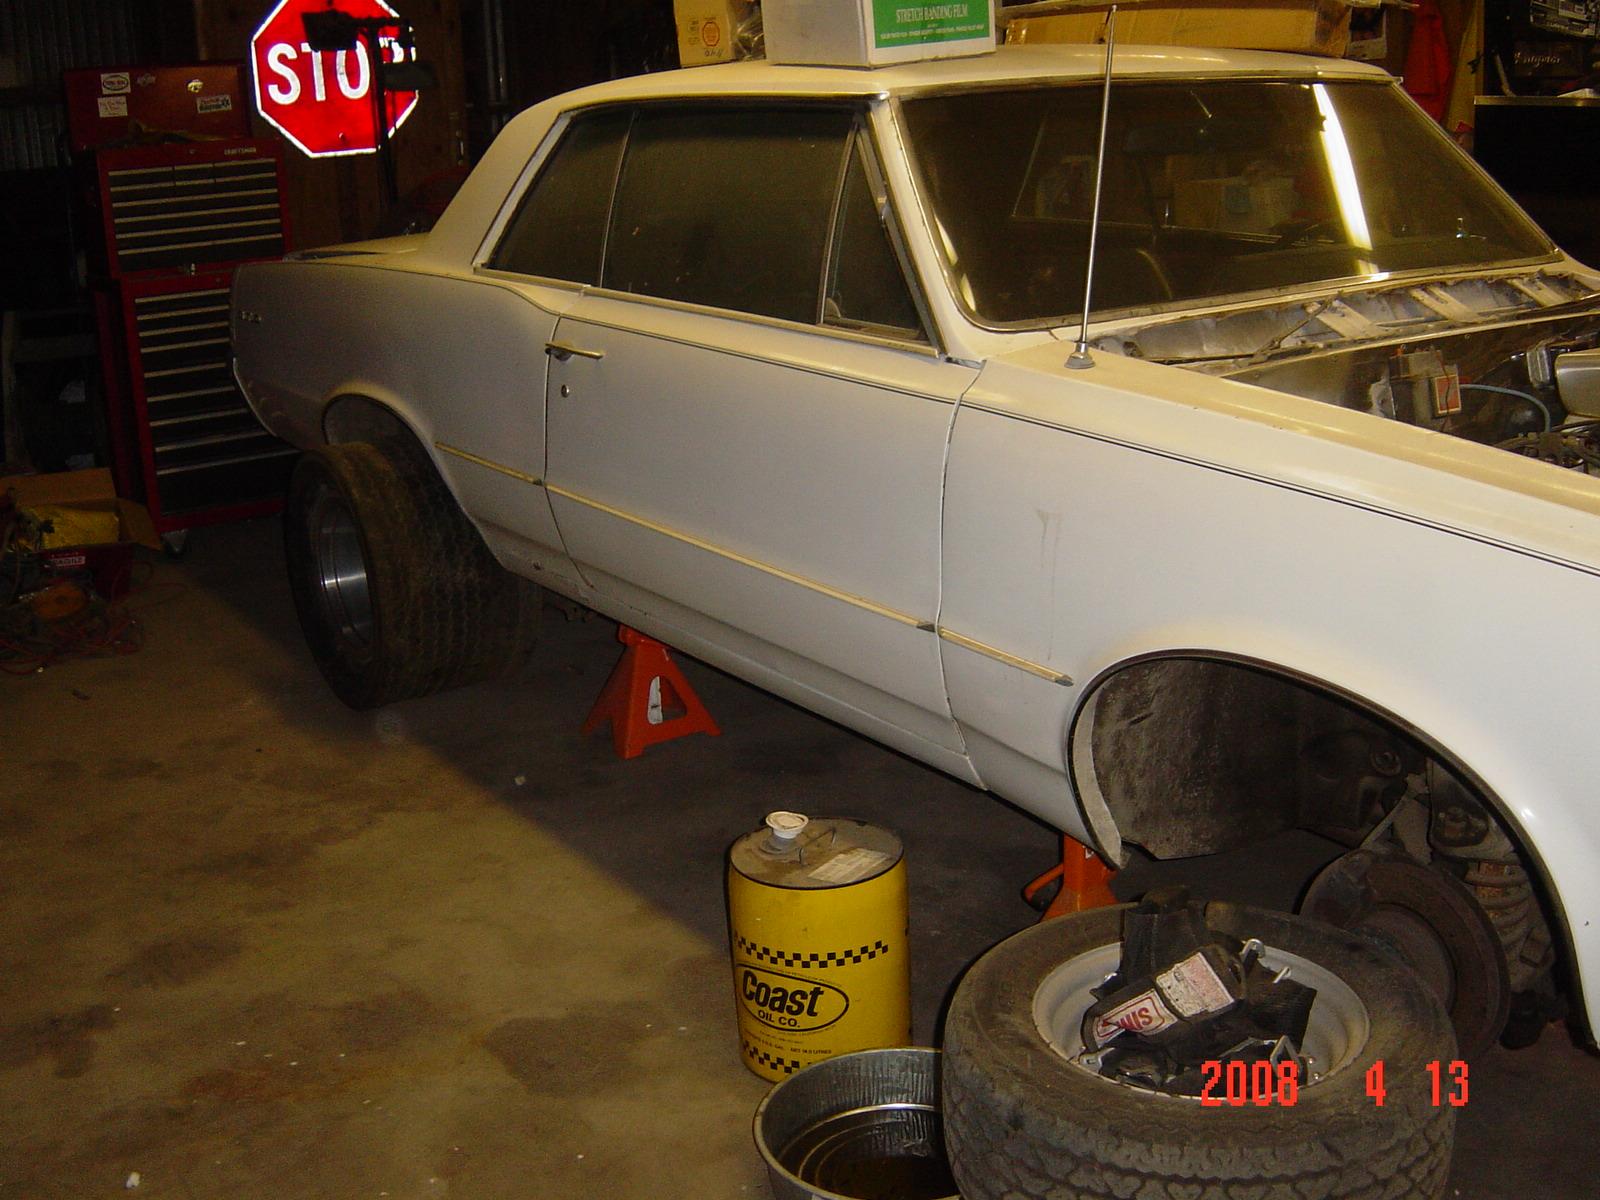 GTO barn find - Pontiac